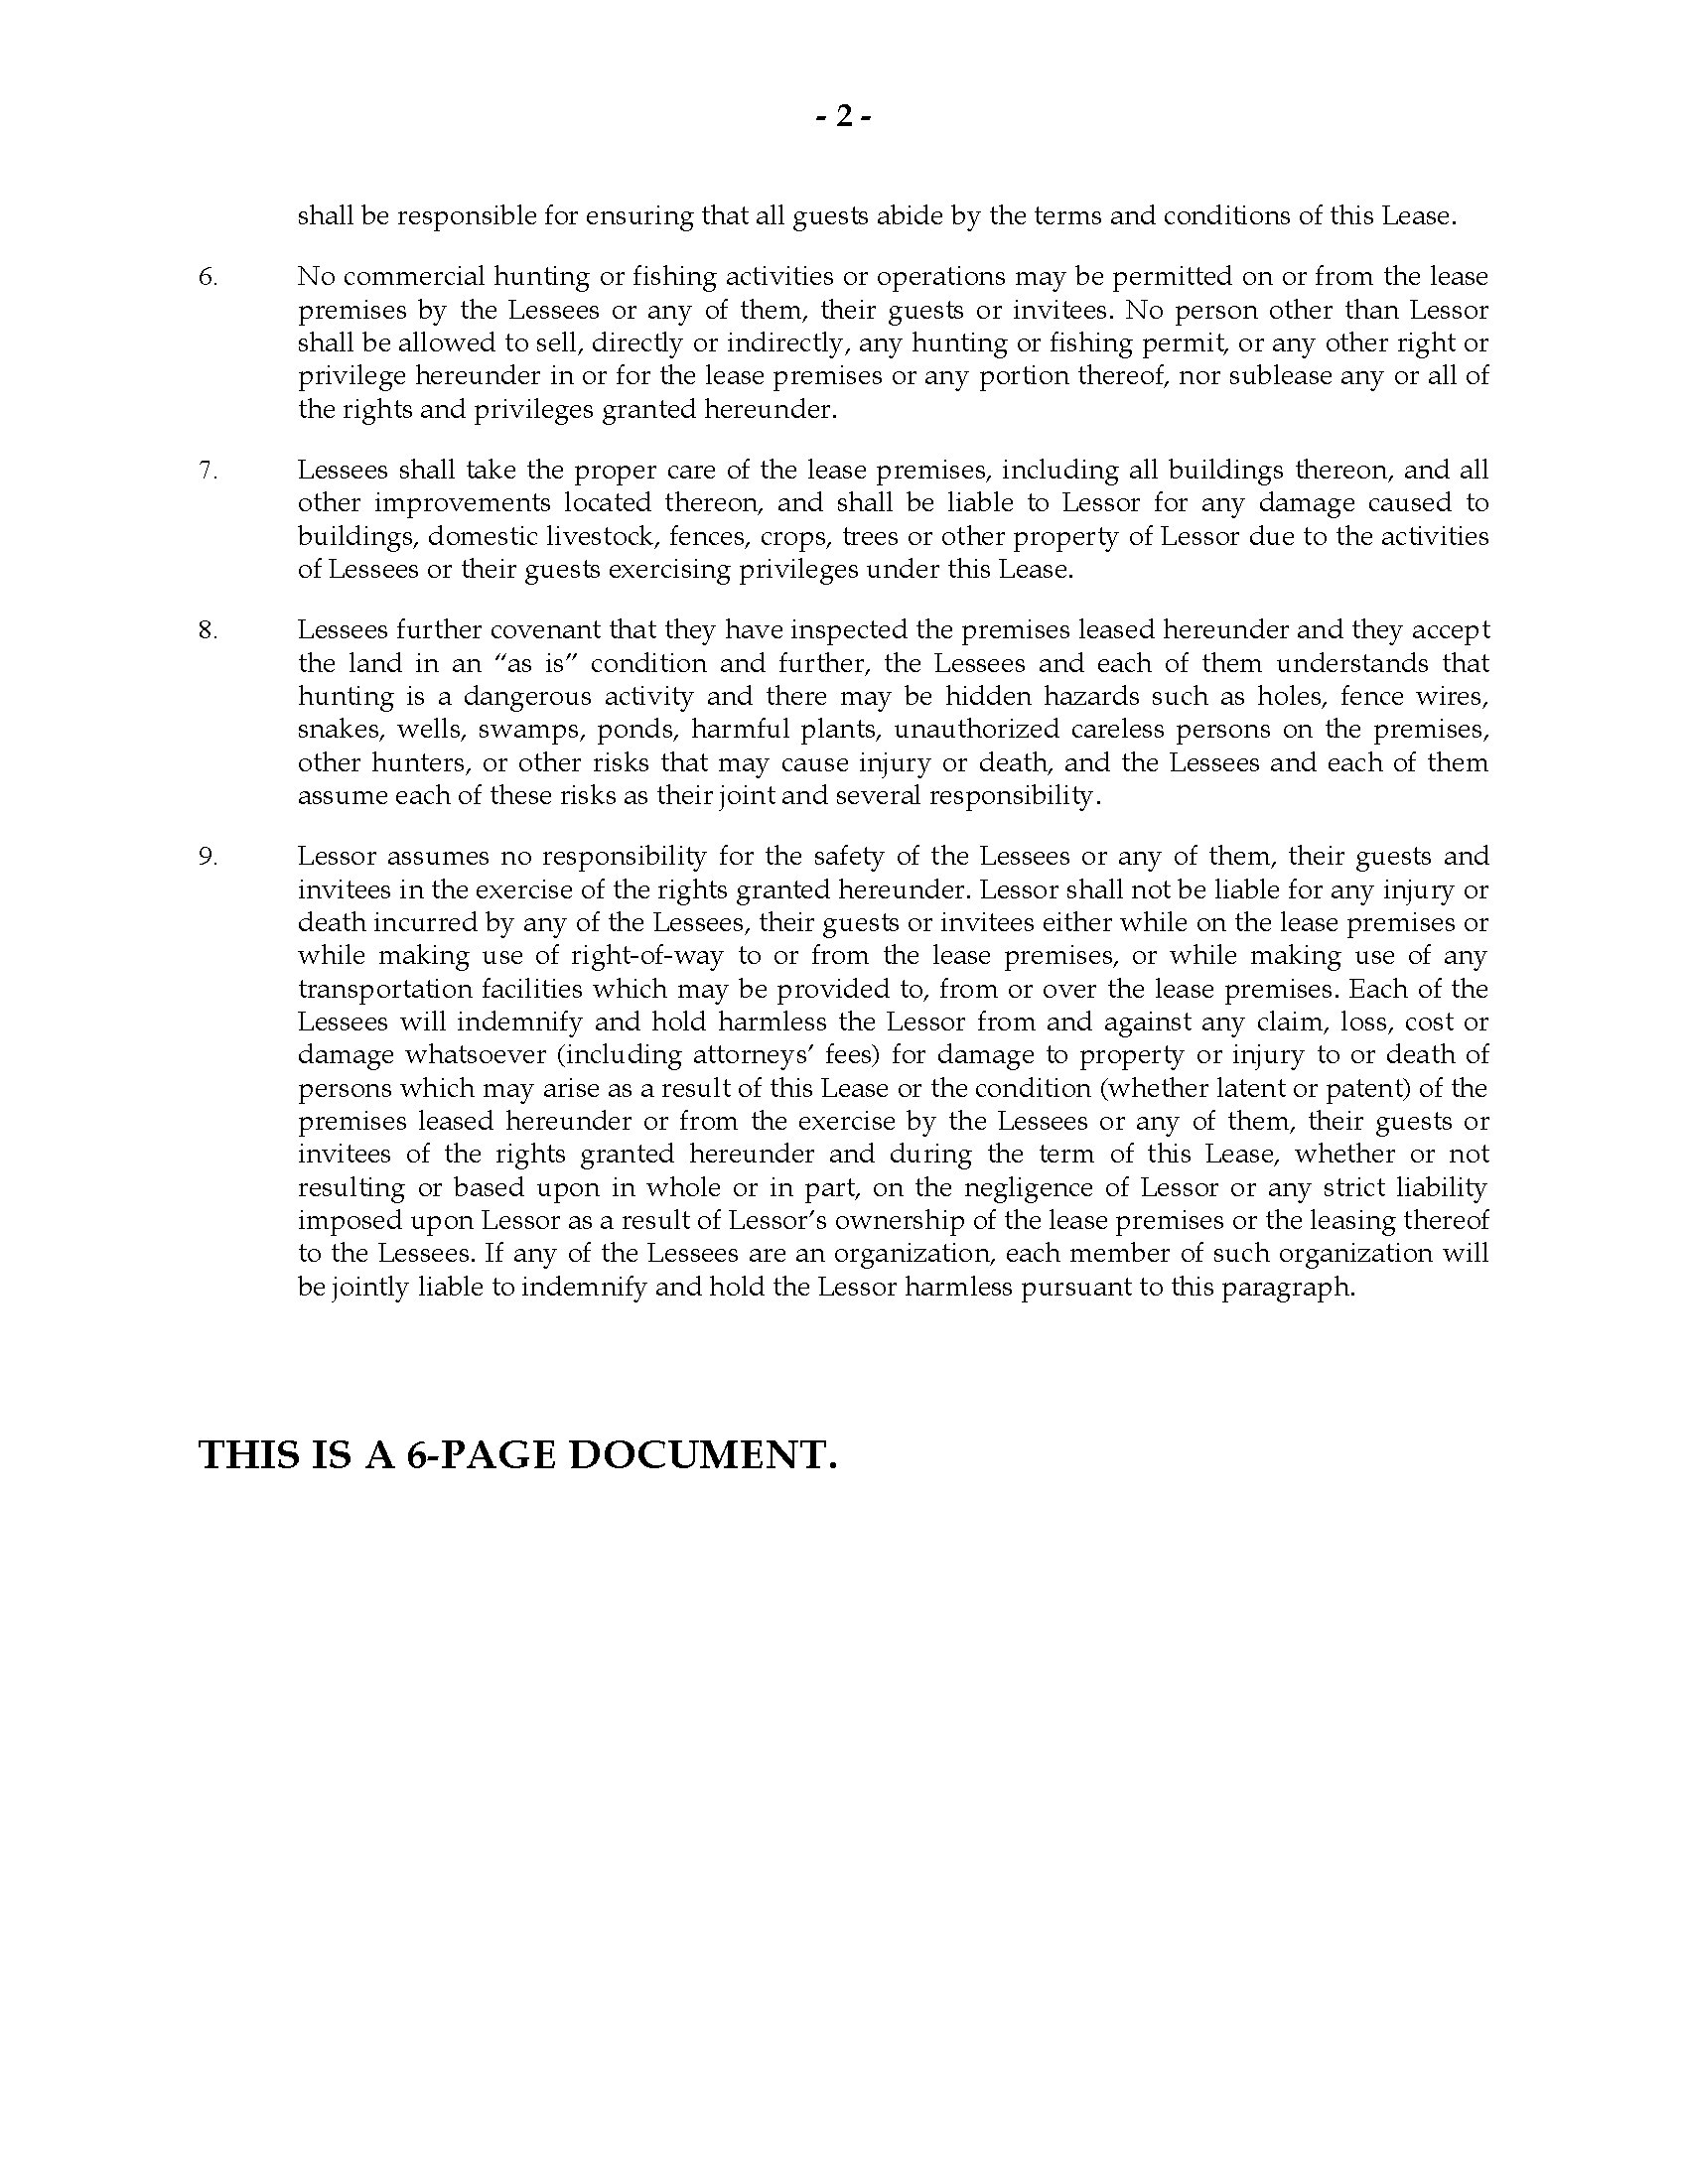 Georgia Hunting Lease Agreement